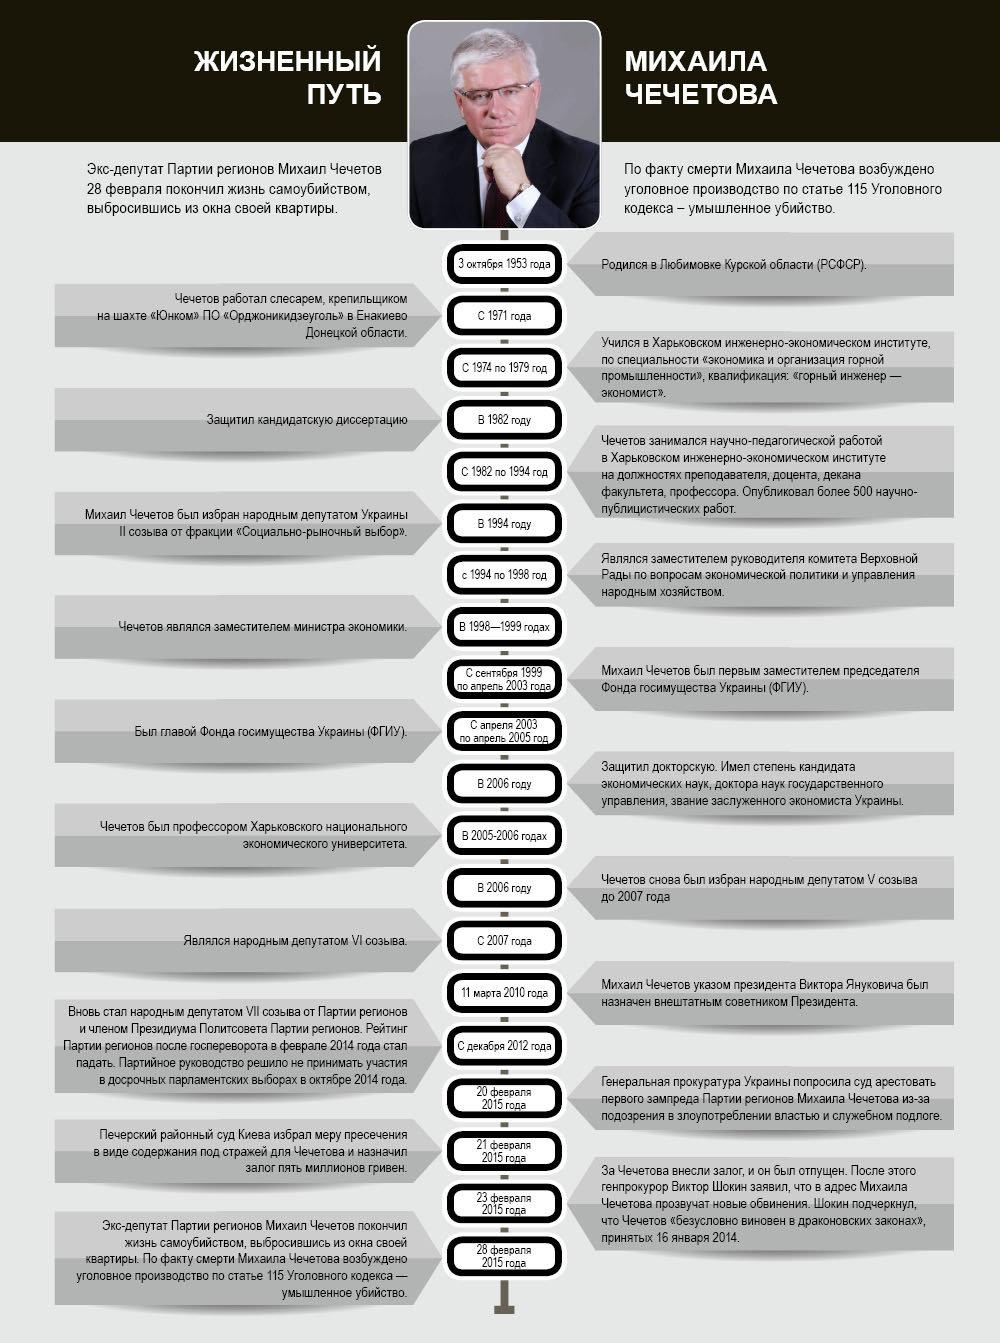 Жизненный путь Михаила Чечетова. Инфографика